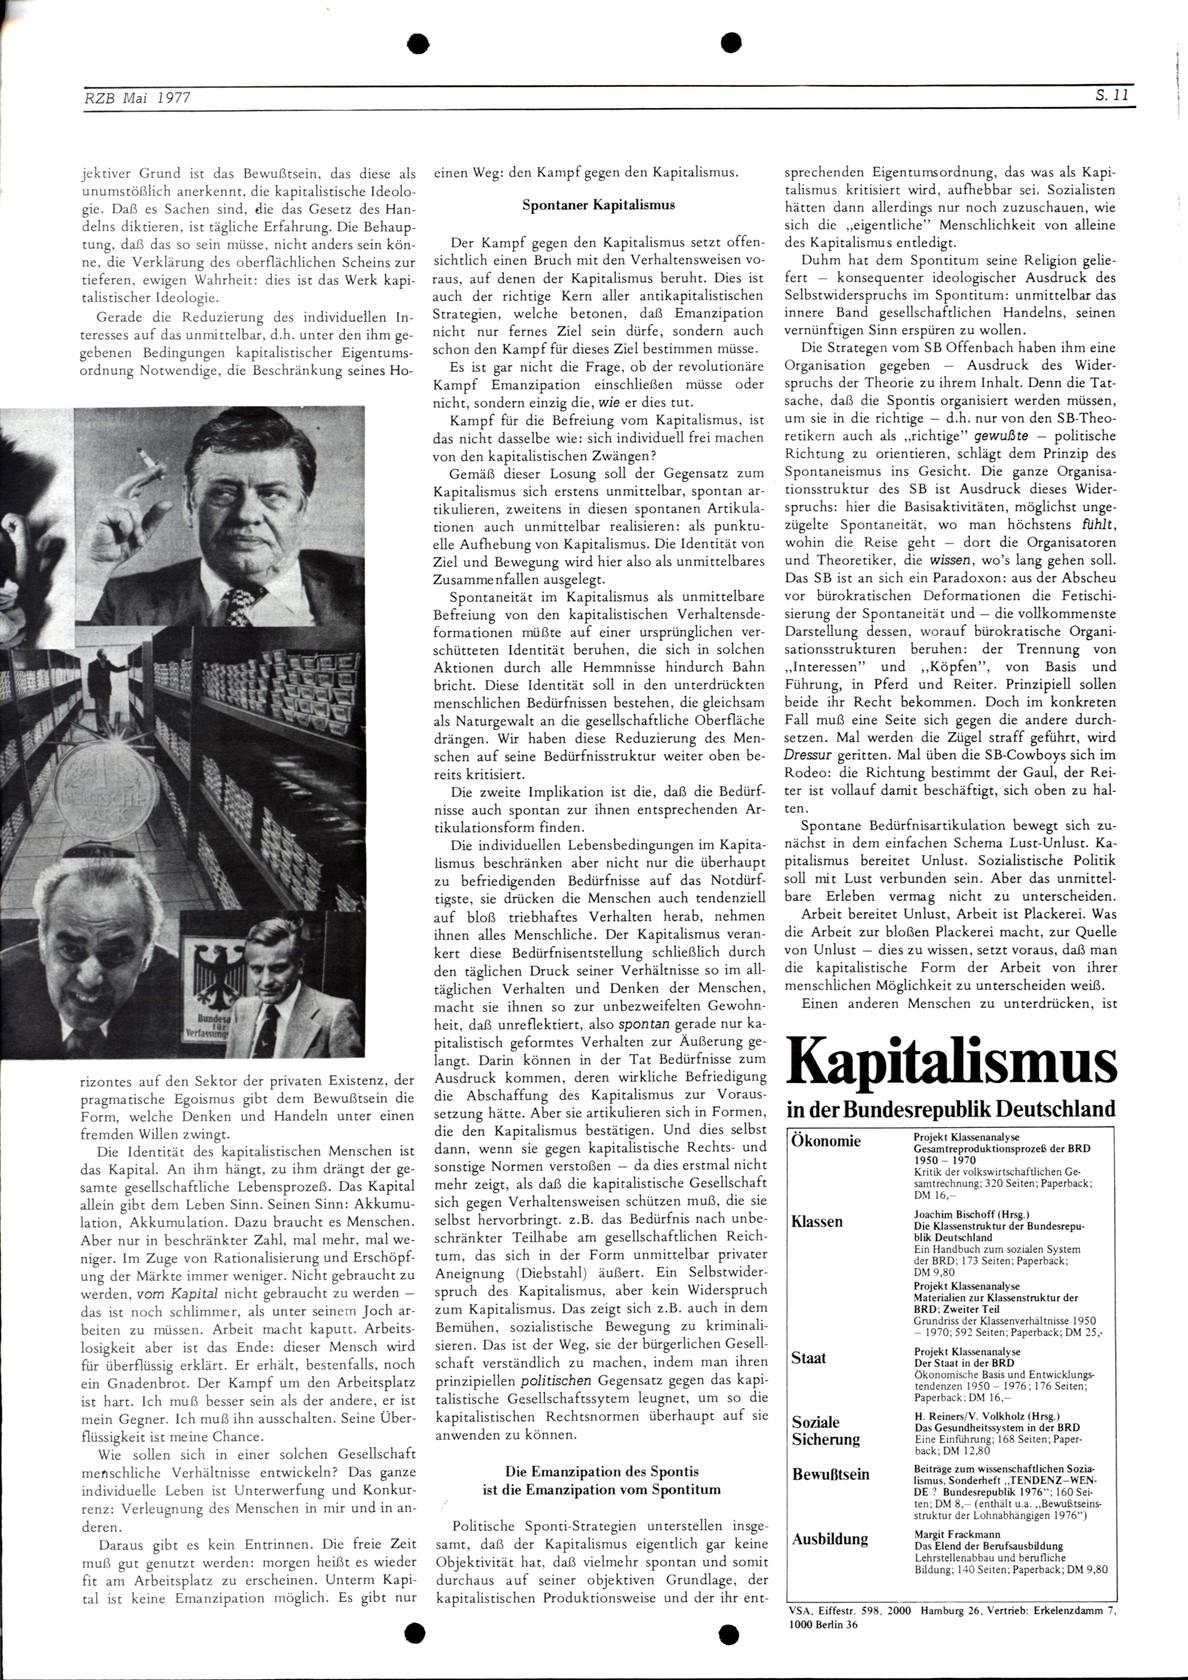 Bonn_RZ_09_19770500_11